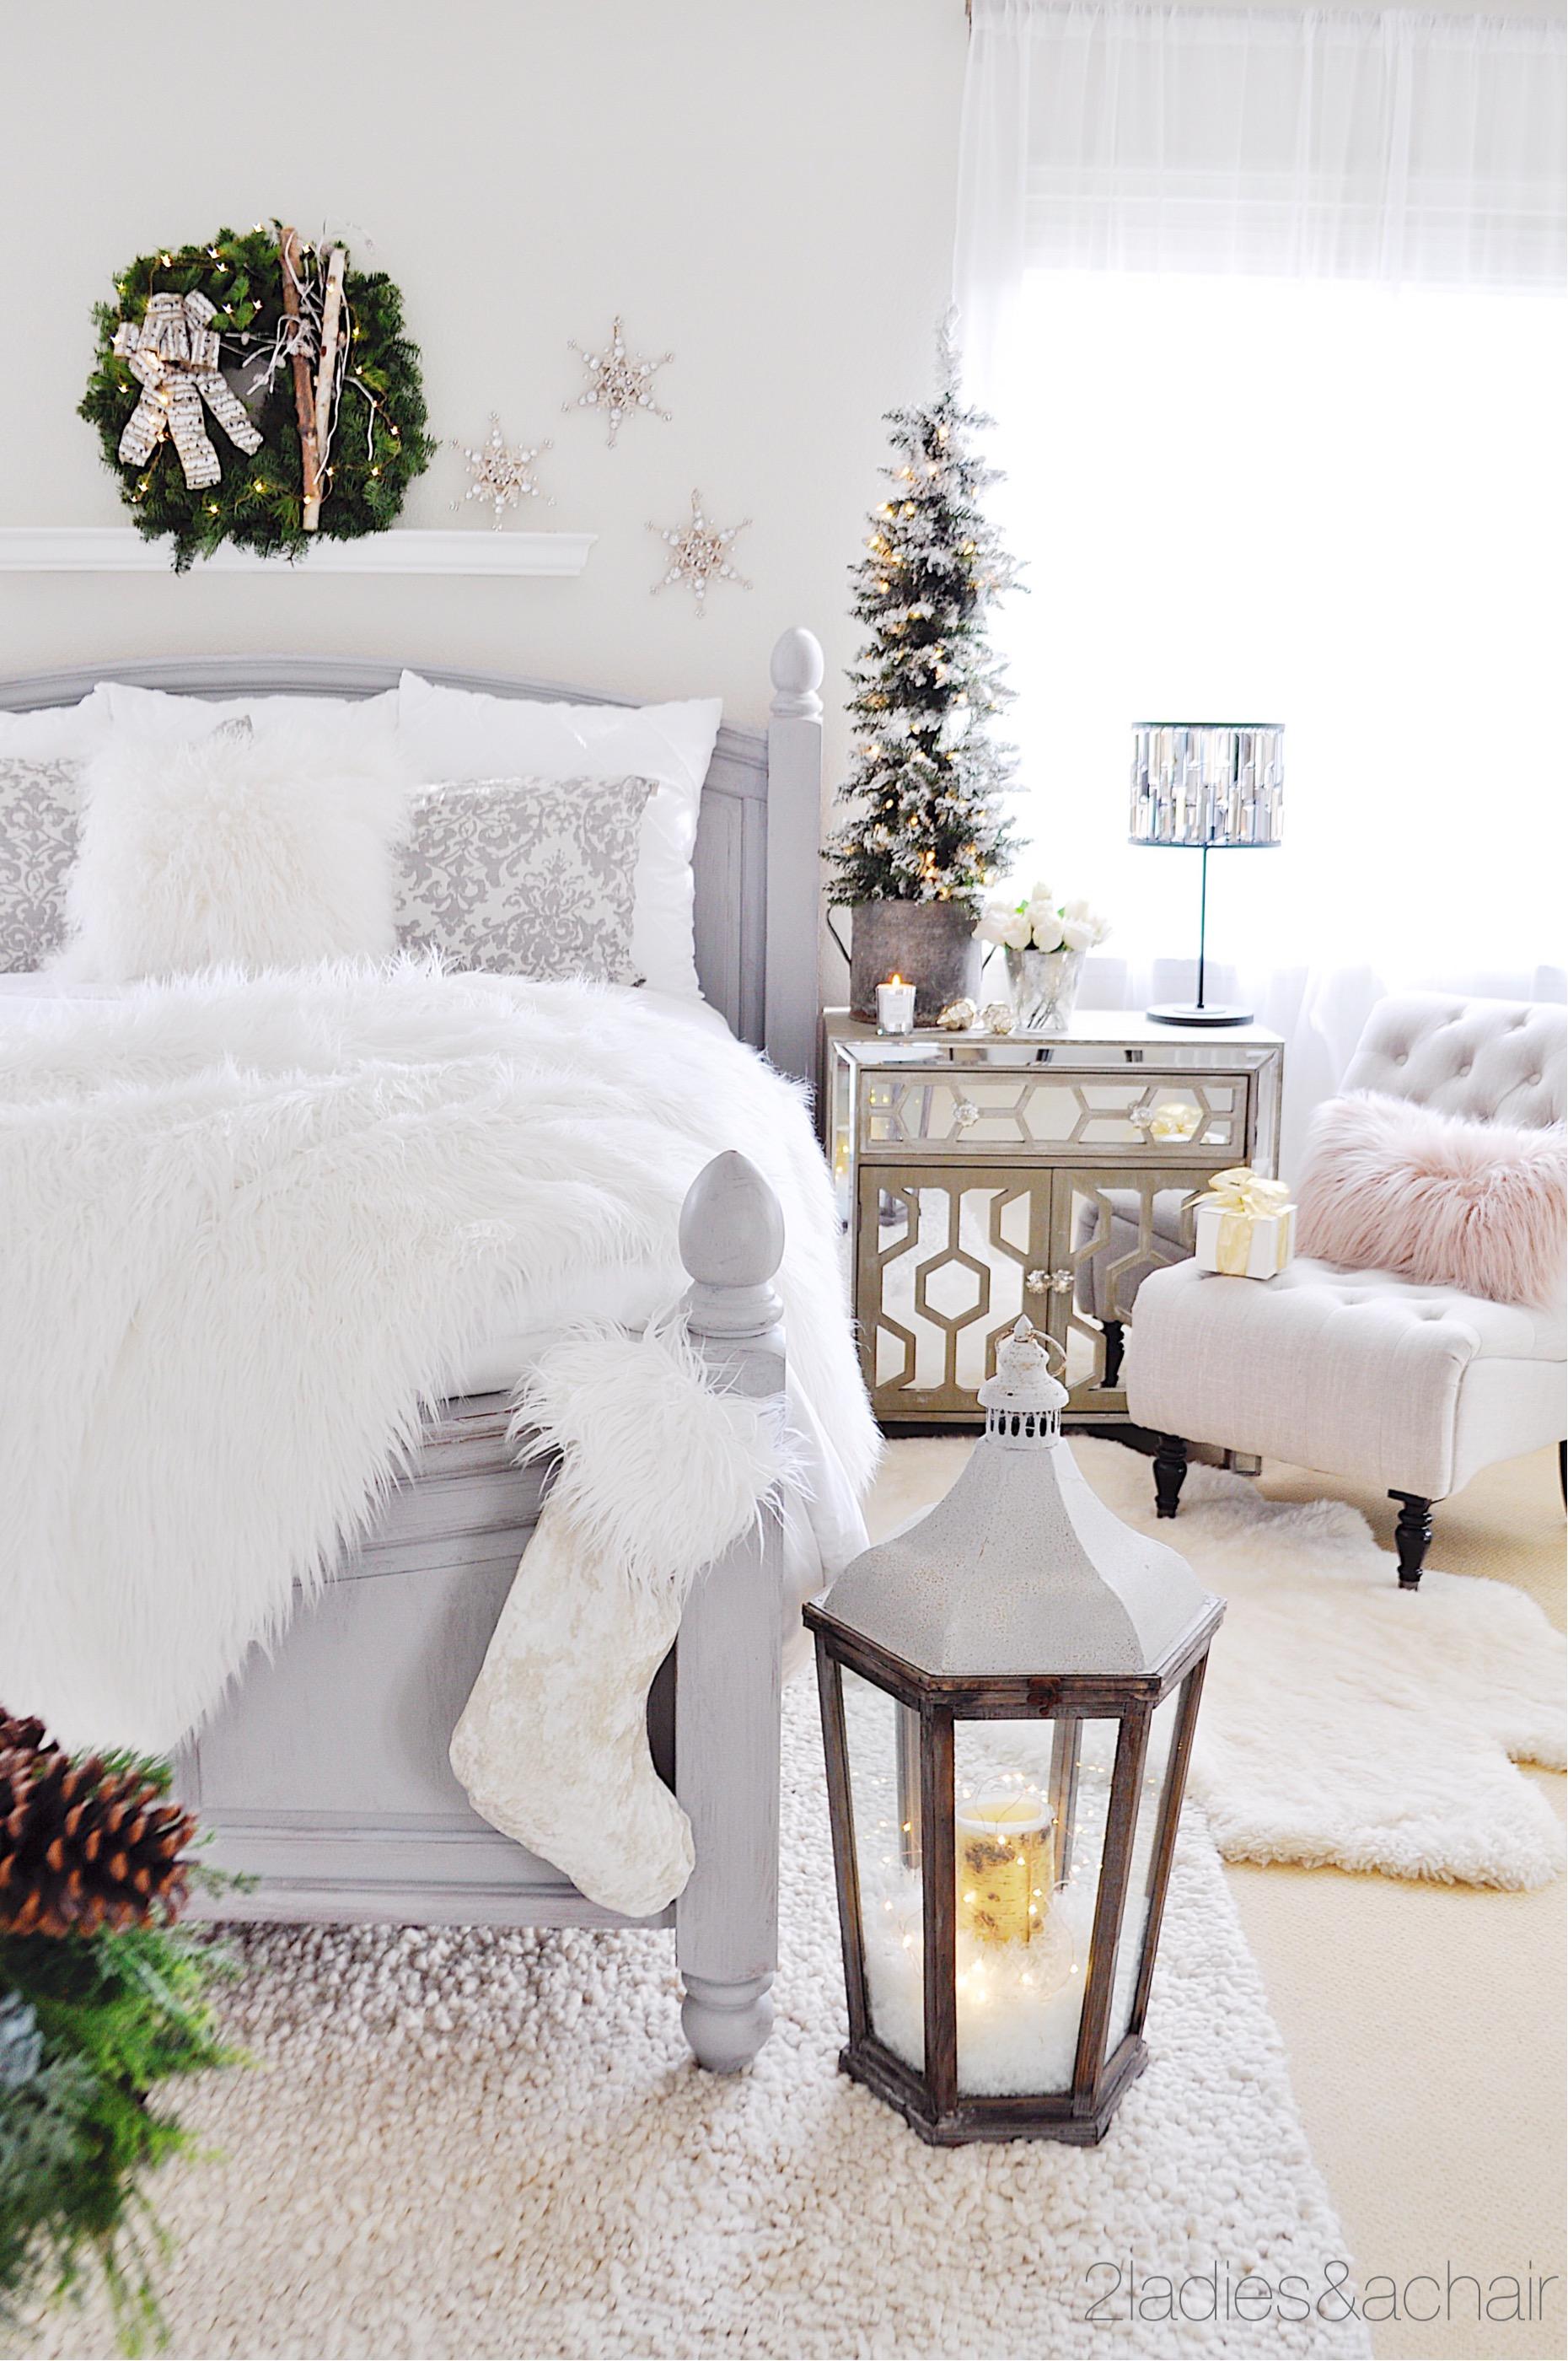 christmas bedroom decor IMG_9885.JPG